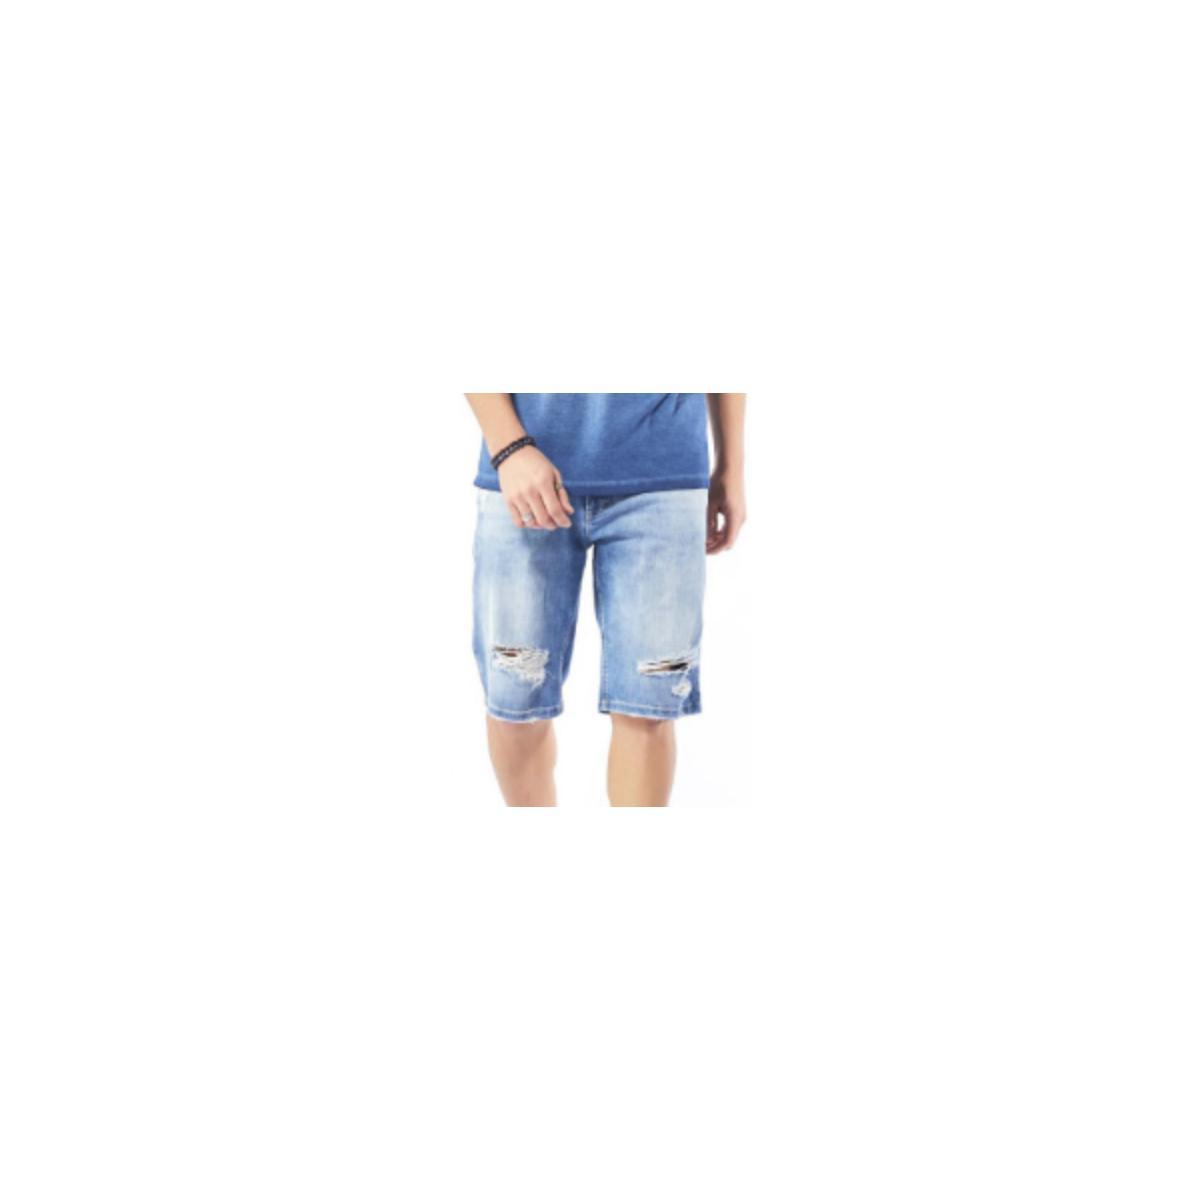 Bermuda Masculina Index 02.01.00716 Jeans